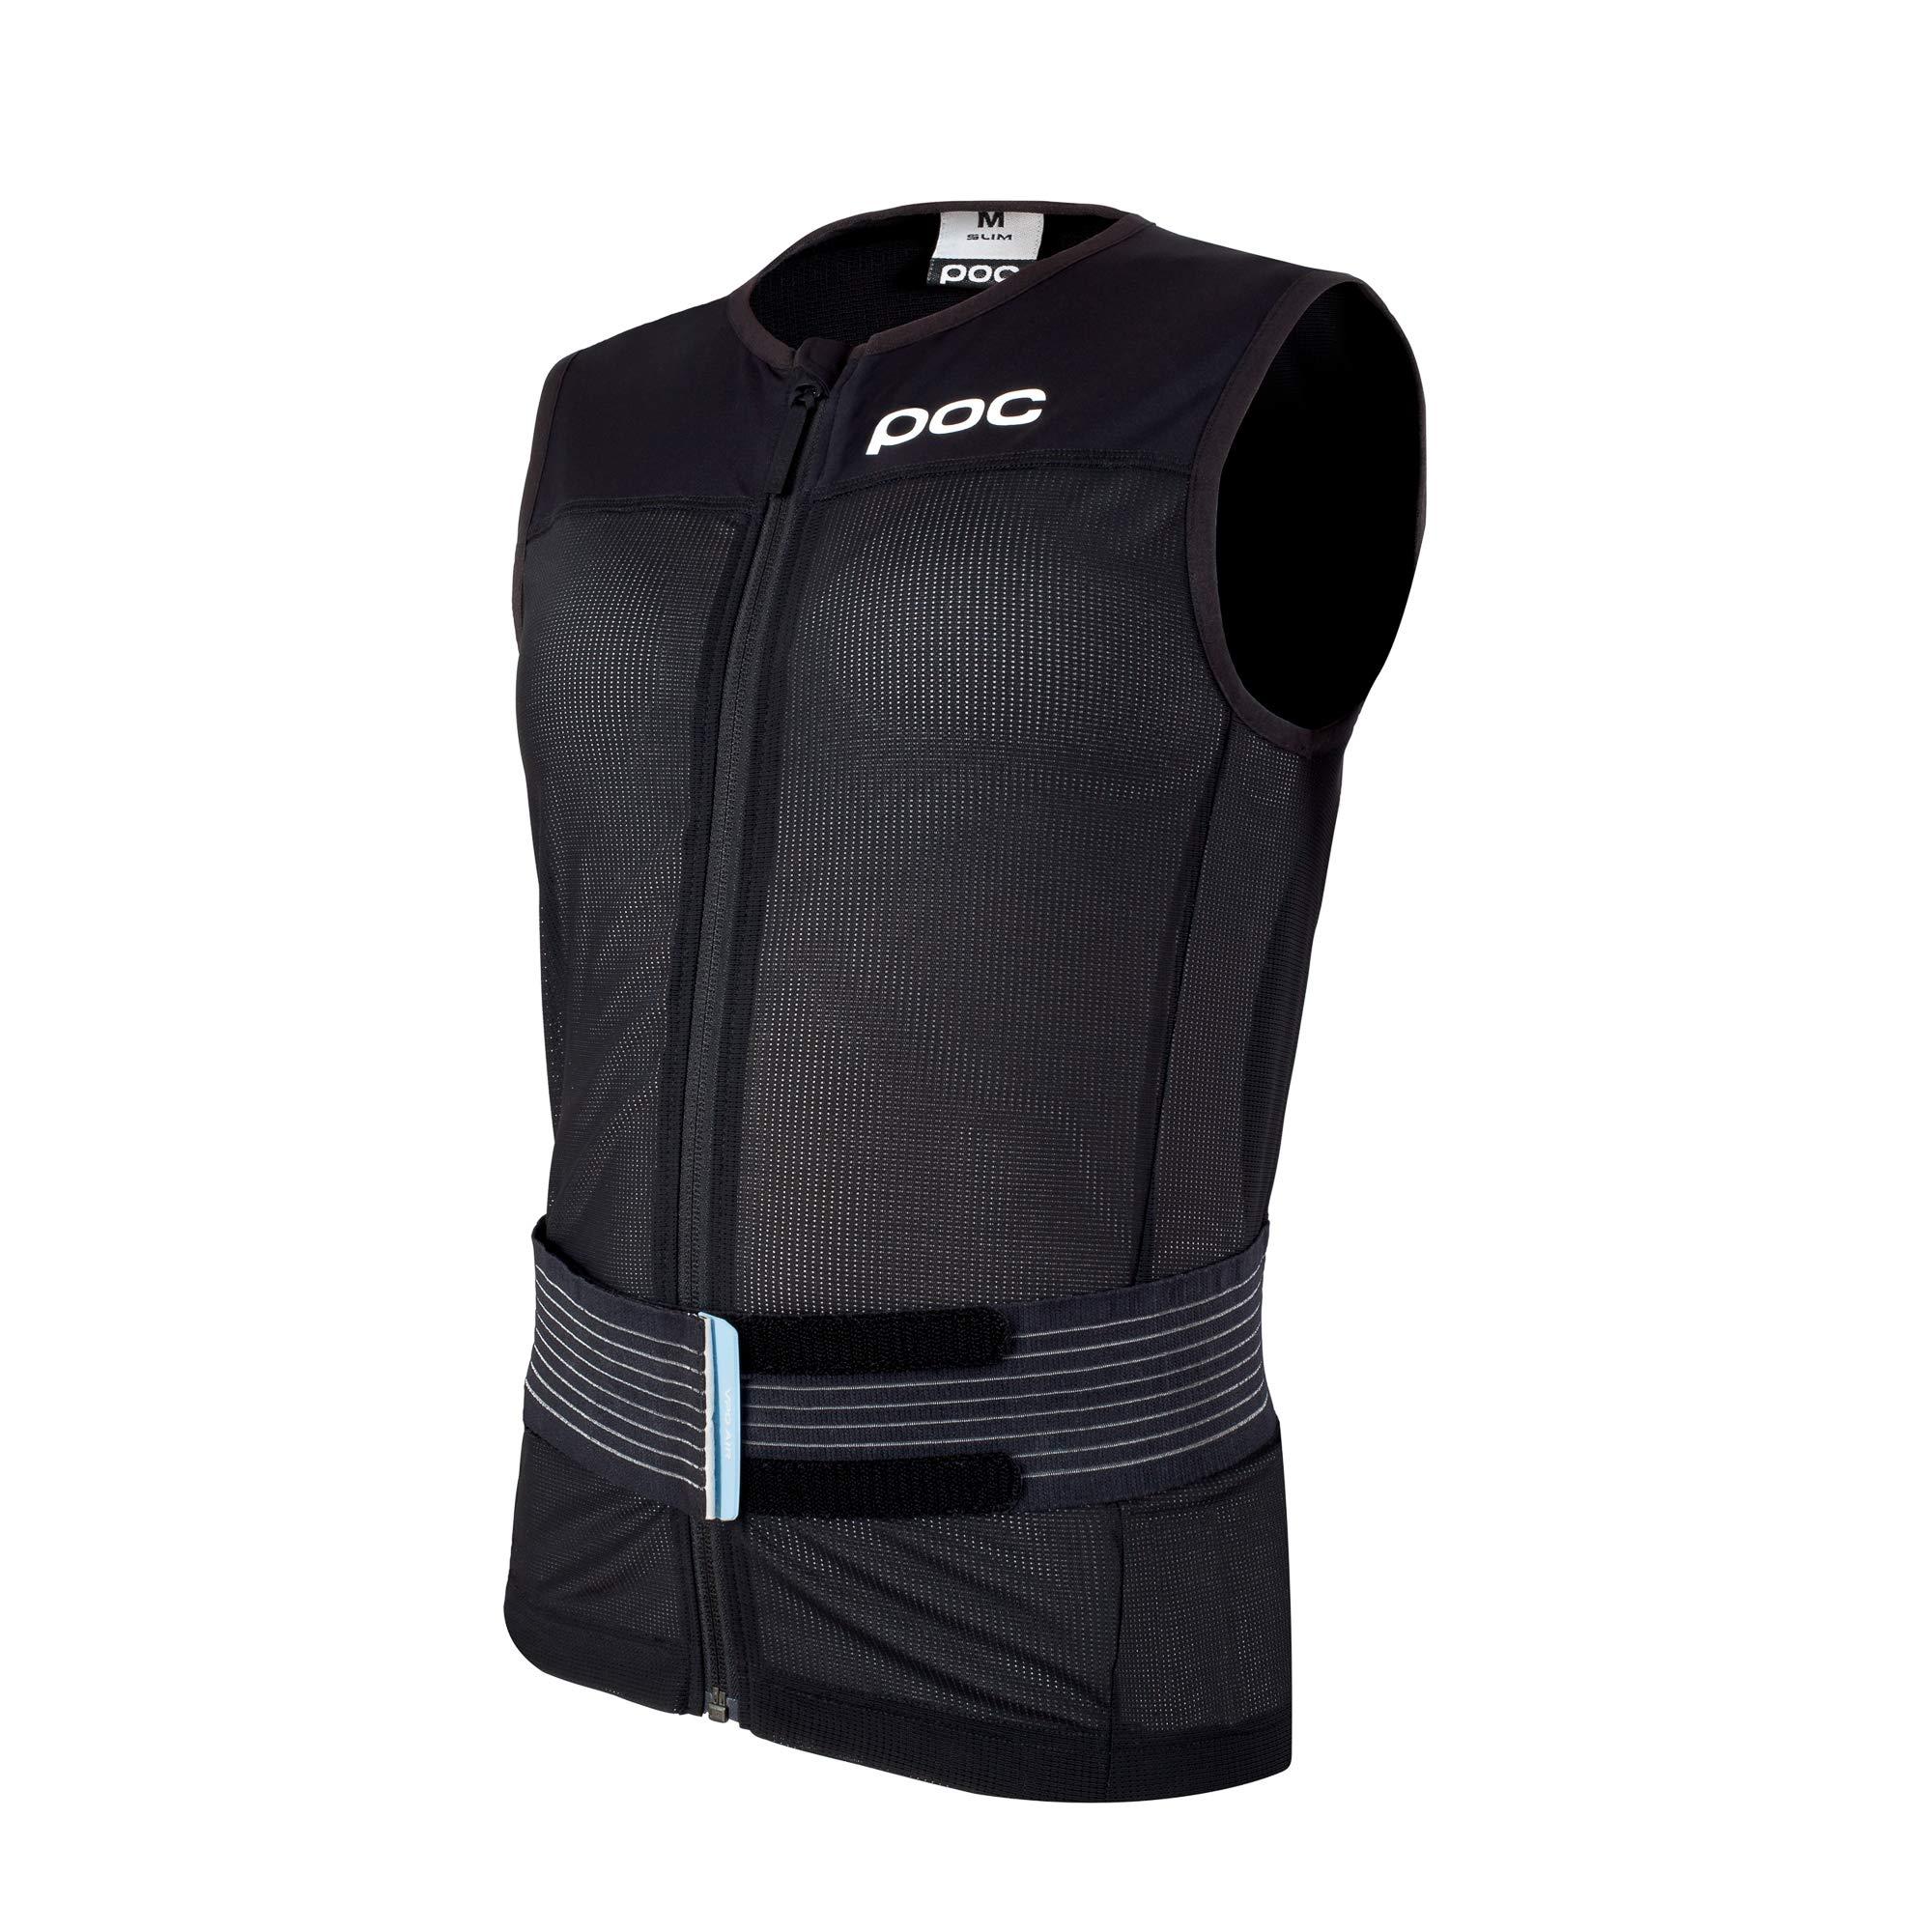 POC Spine VPD air WO Vest, Women's Vest, Uranium Black, MDS